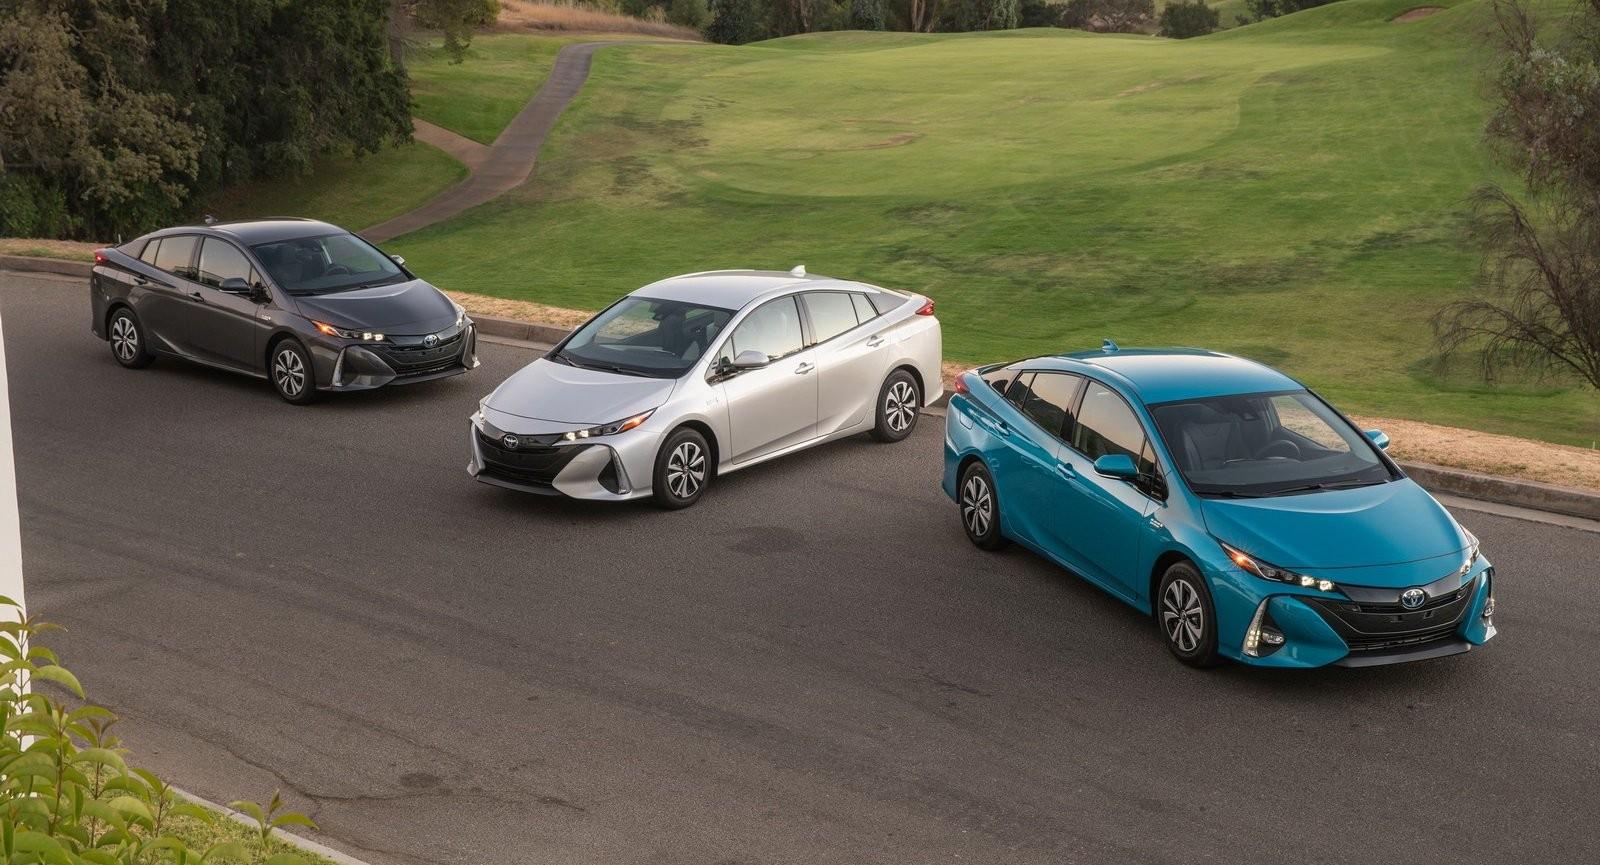 Toyota собралась сотрудничать с Geely в области гибридных технологий 1